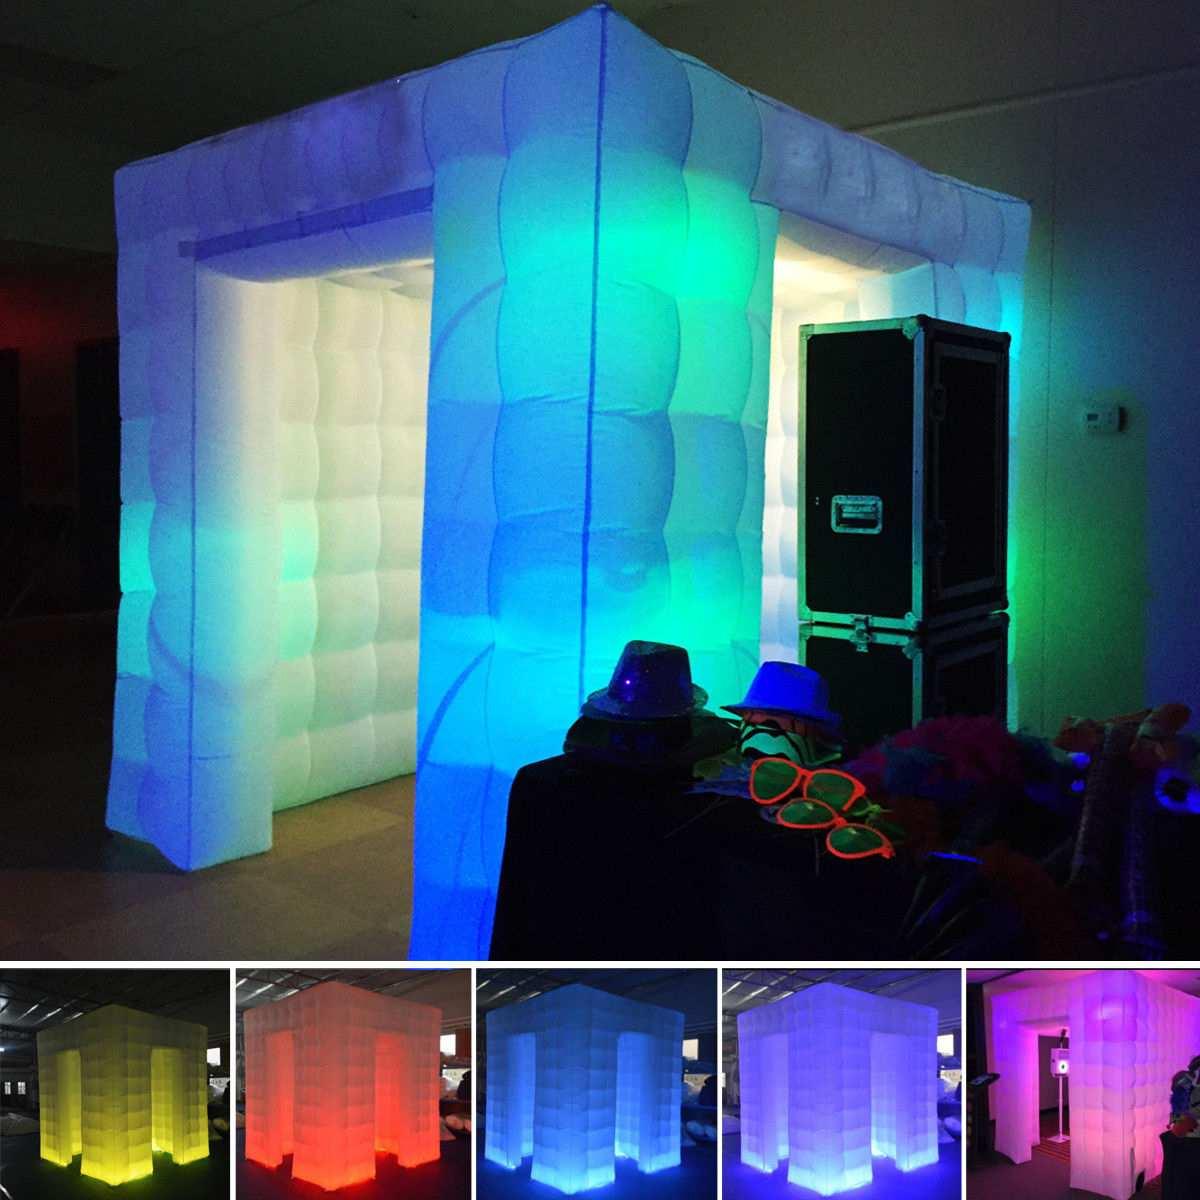 3. cabine gonflable professionnelle de Photo d'air de m tente gonflable de cabine de Photo de LED